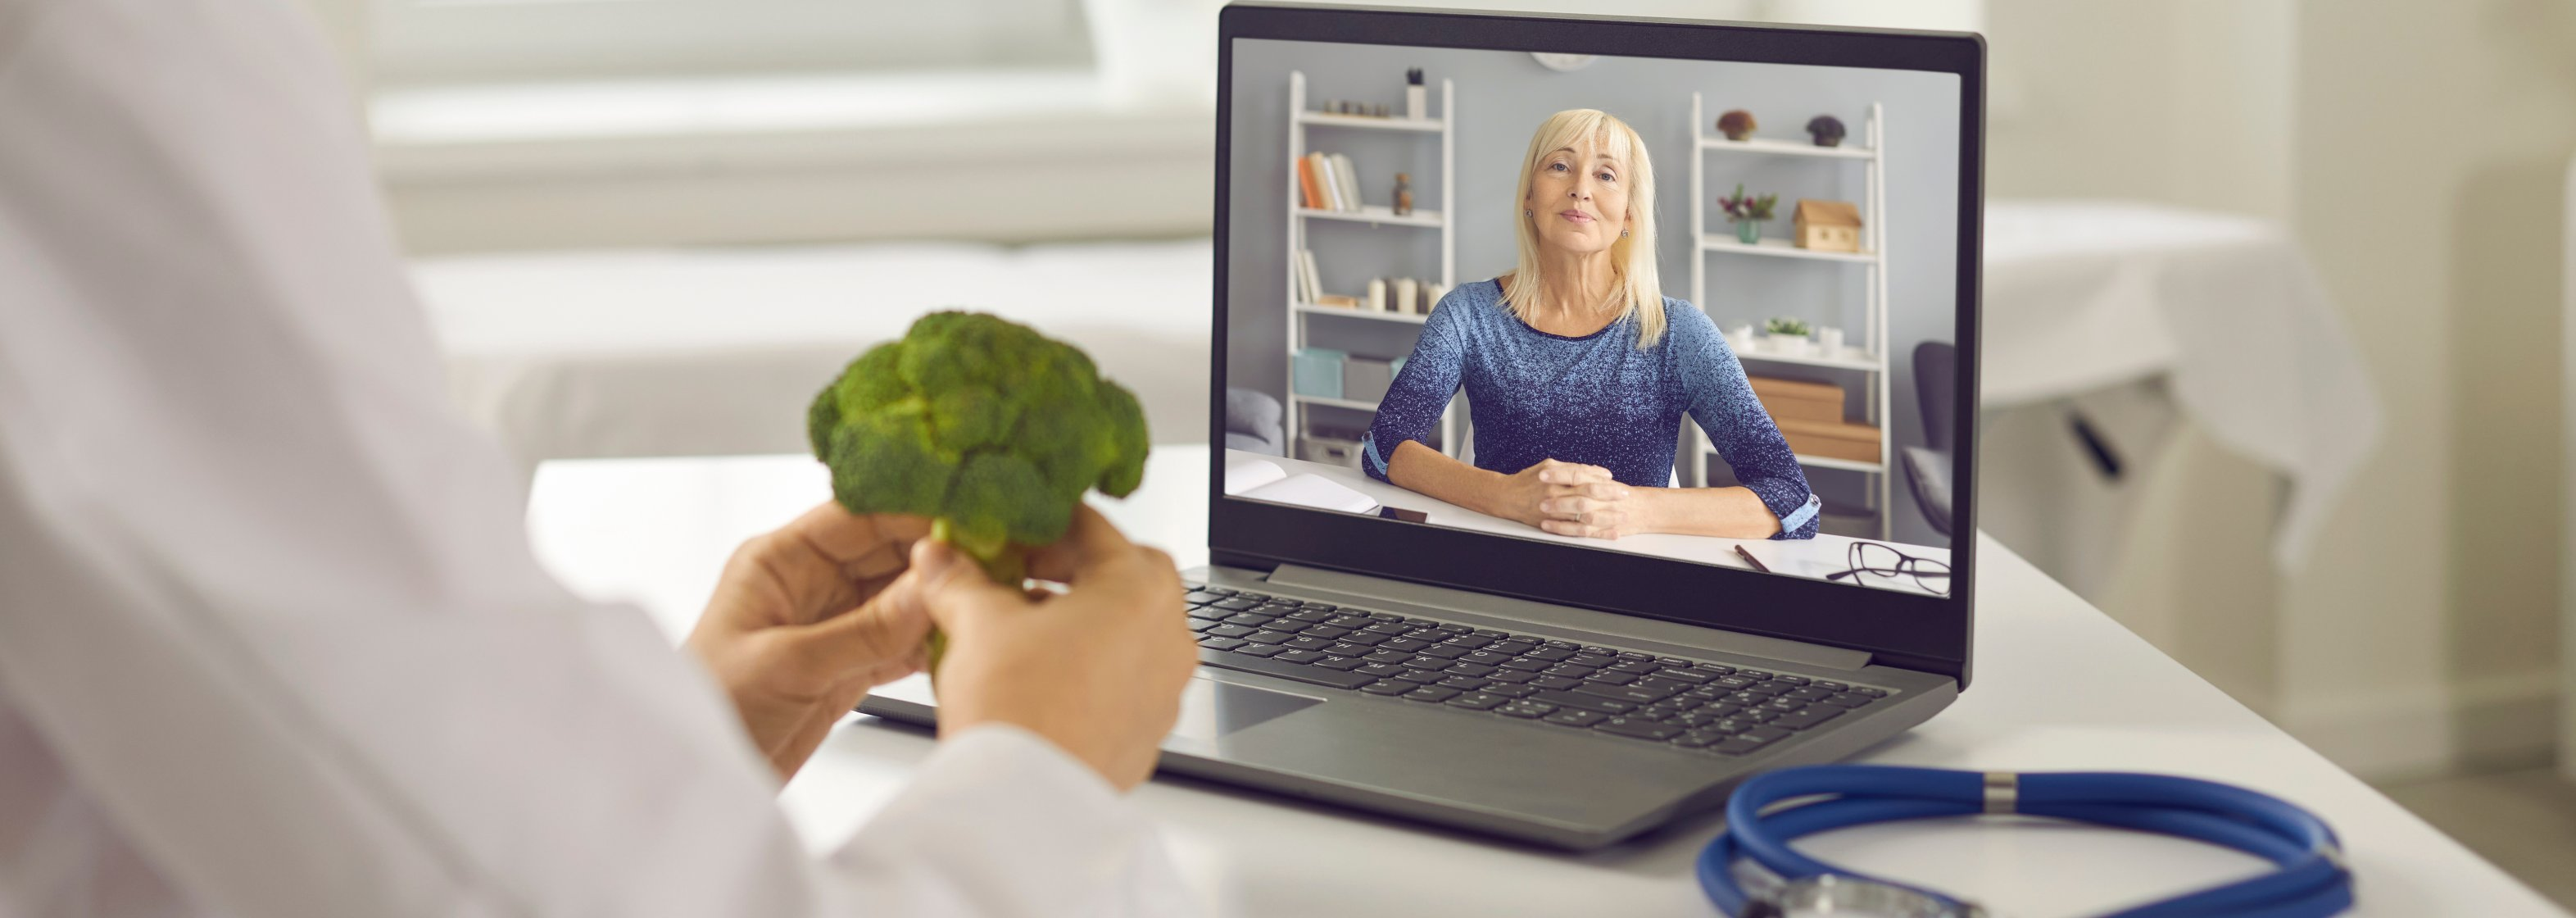 Online Ernährungsberatung über Laptop